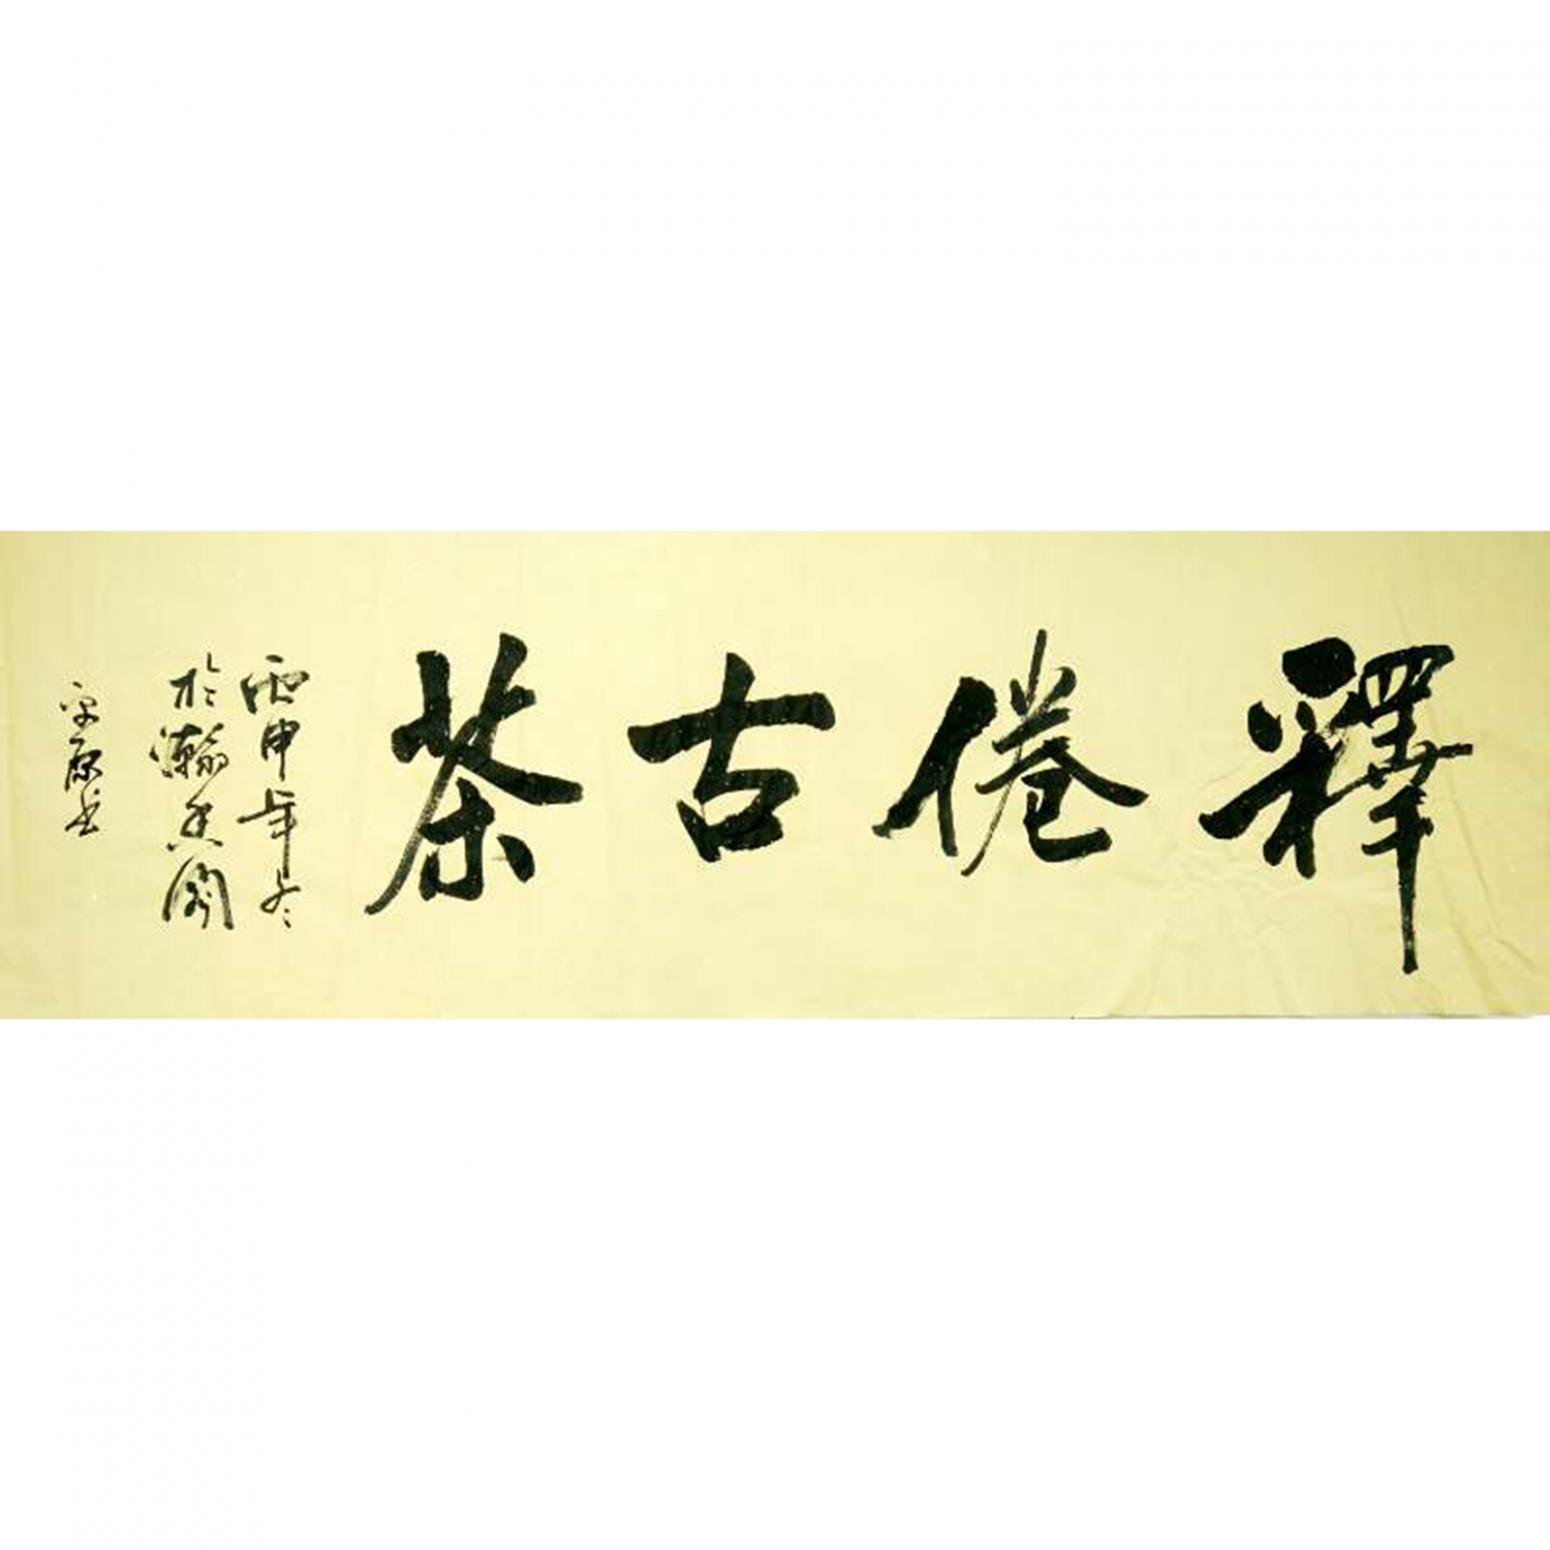 张平原书法作品《【释倦古茶1】作者张平原》